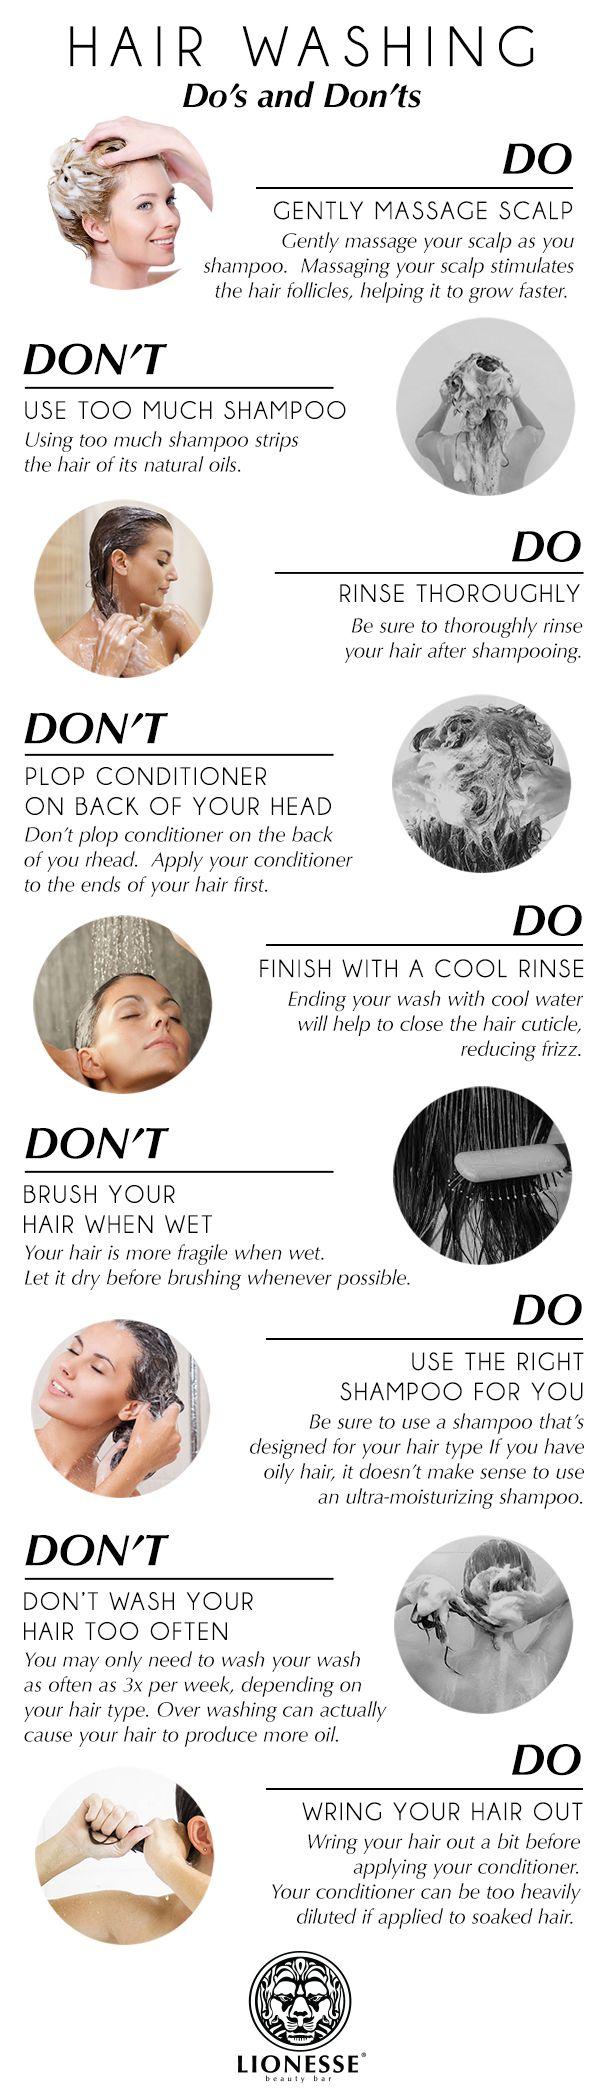 Hair Washing Dos and Don'ts